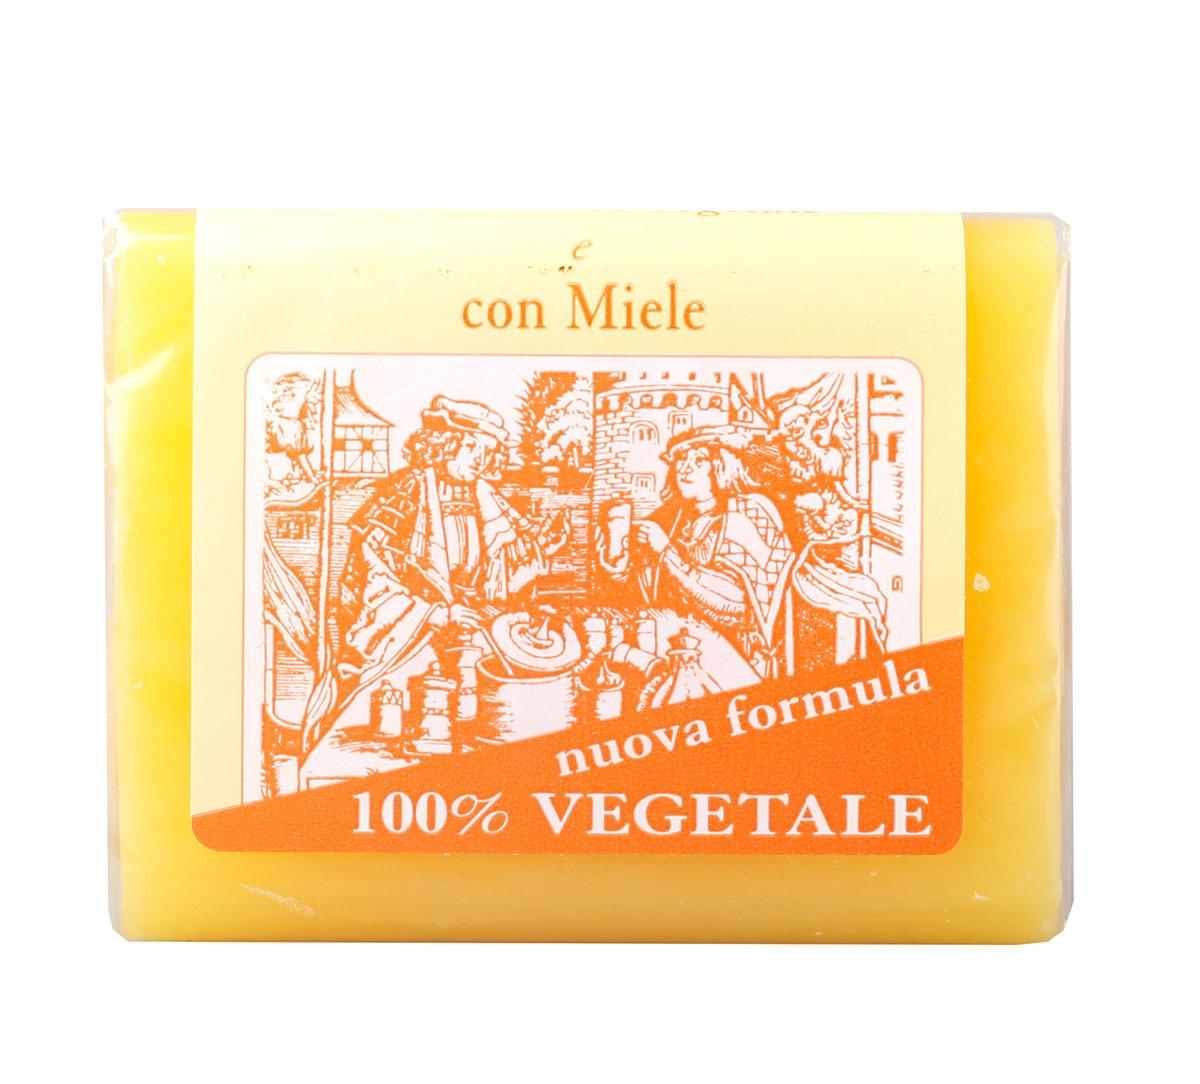 Iteritalia Мыло натуральное глицериновое с медом, 150 г5010777139655Натуральное косметическое глицериновое мыло коллекции МАСТЕРА МЫЛОВАРЫ изготовлено из 100% растительных ингредиентов в соответствии с античными традициями мастеров Саронно. Обогащено глицерином,экстрактом меда, обладает смягчающим и увлажняющим действием. Подходит для всех типов кожи, в том числе для сухой.